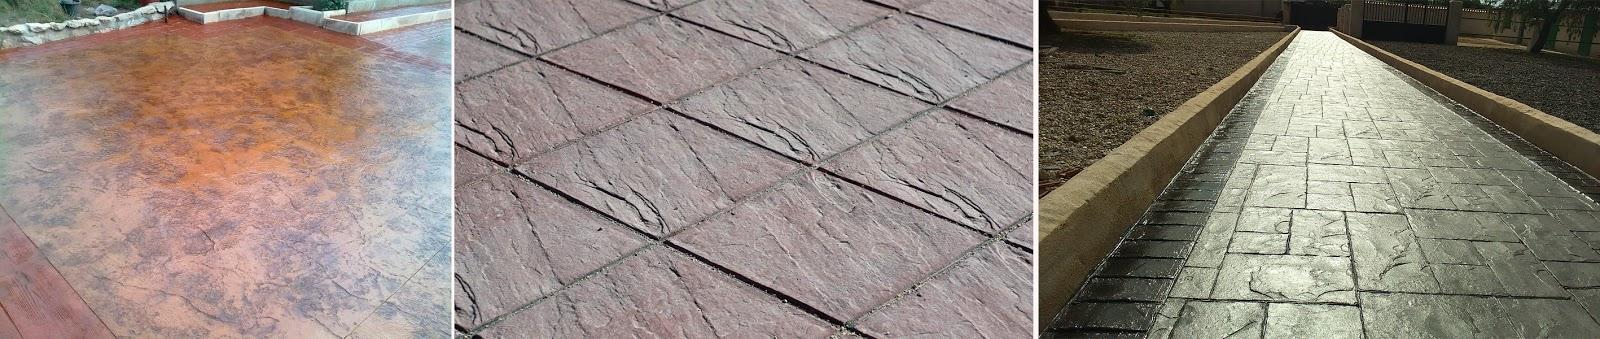 Pavimentos de hormig n impreso en madrid sf23 arquitectos - Hormigon impreso en madrid ...